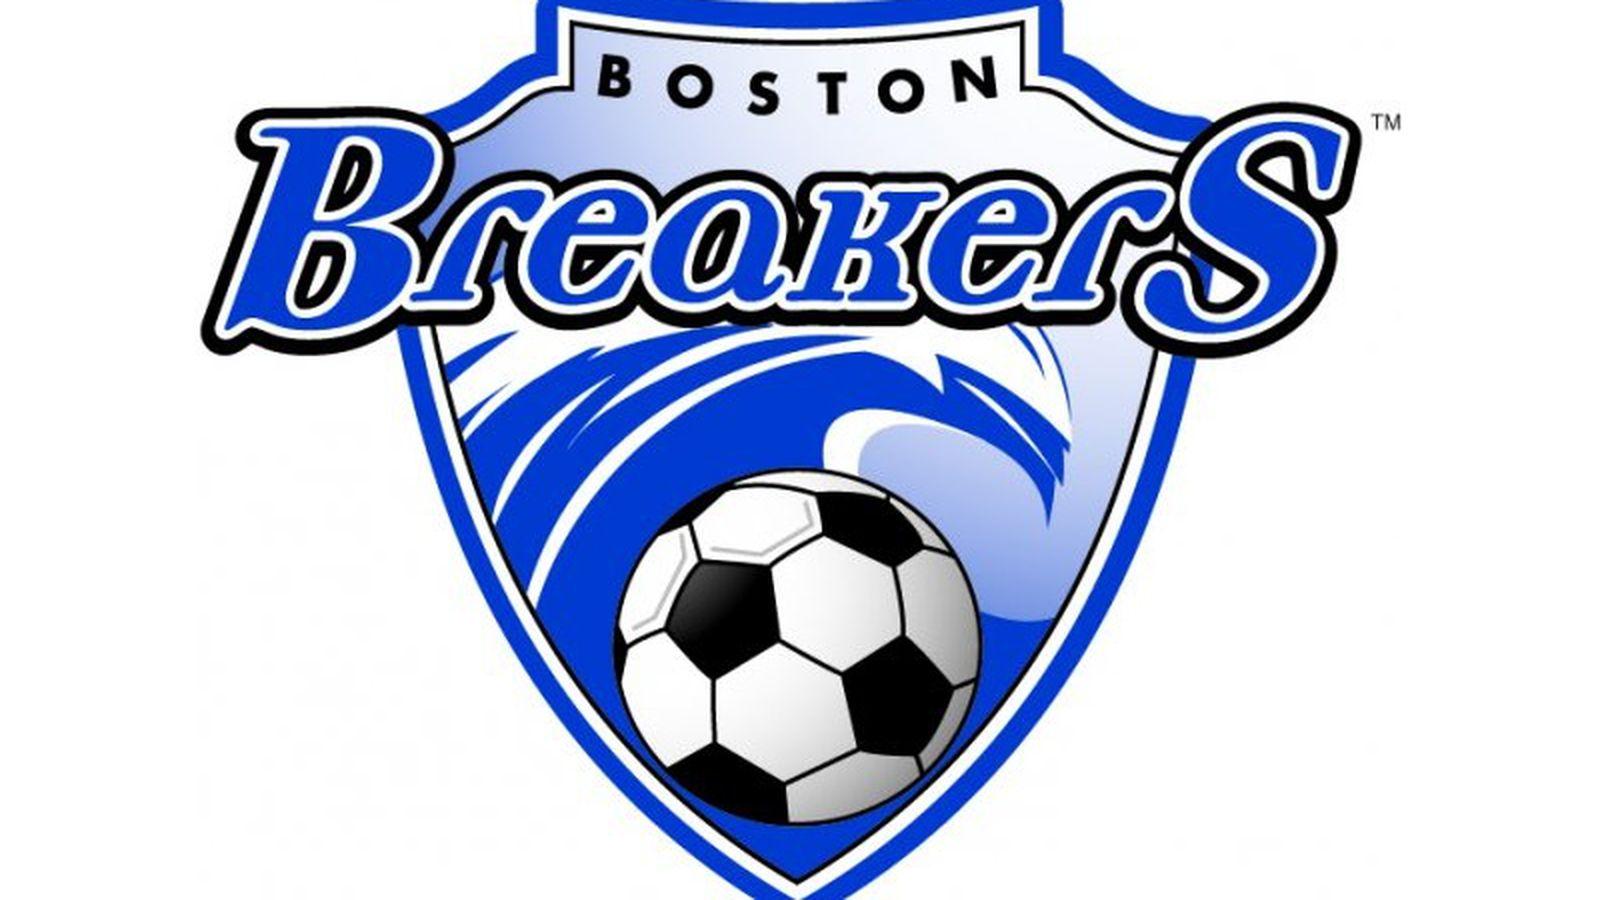 Boston_breakers_logo_wide.0.0